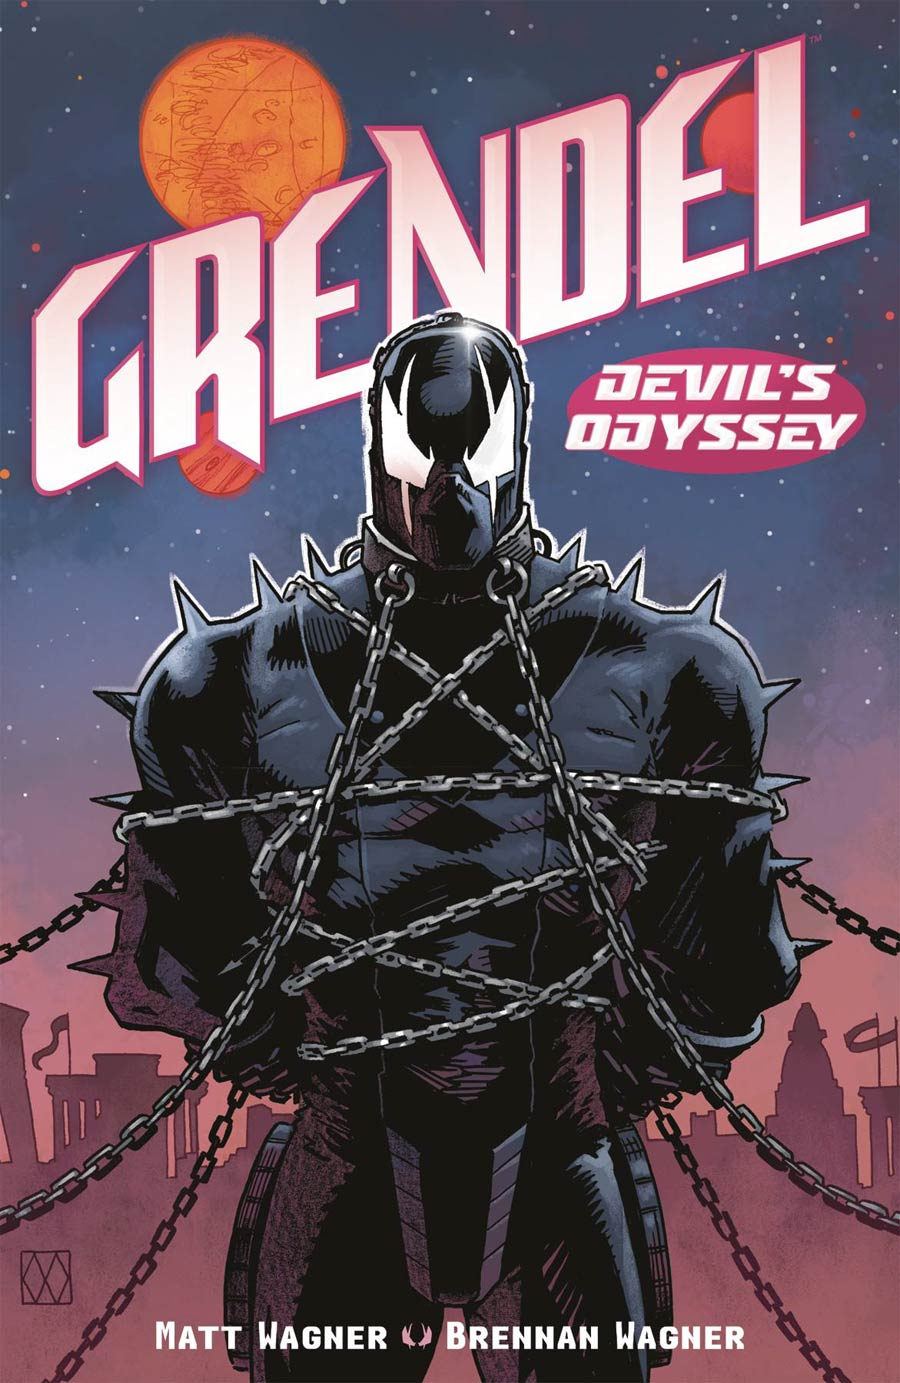 Grendel Devils Odyssey #7 Cover A Regular Matt Wagner Cover